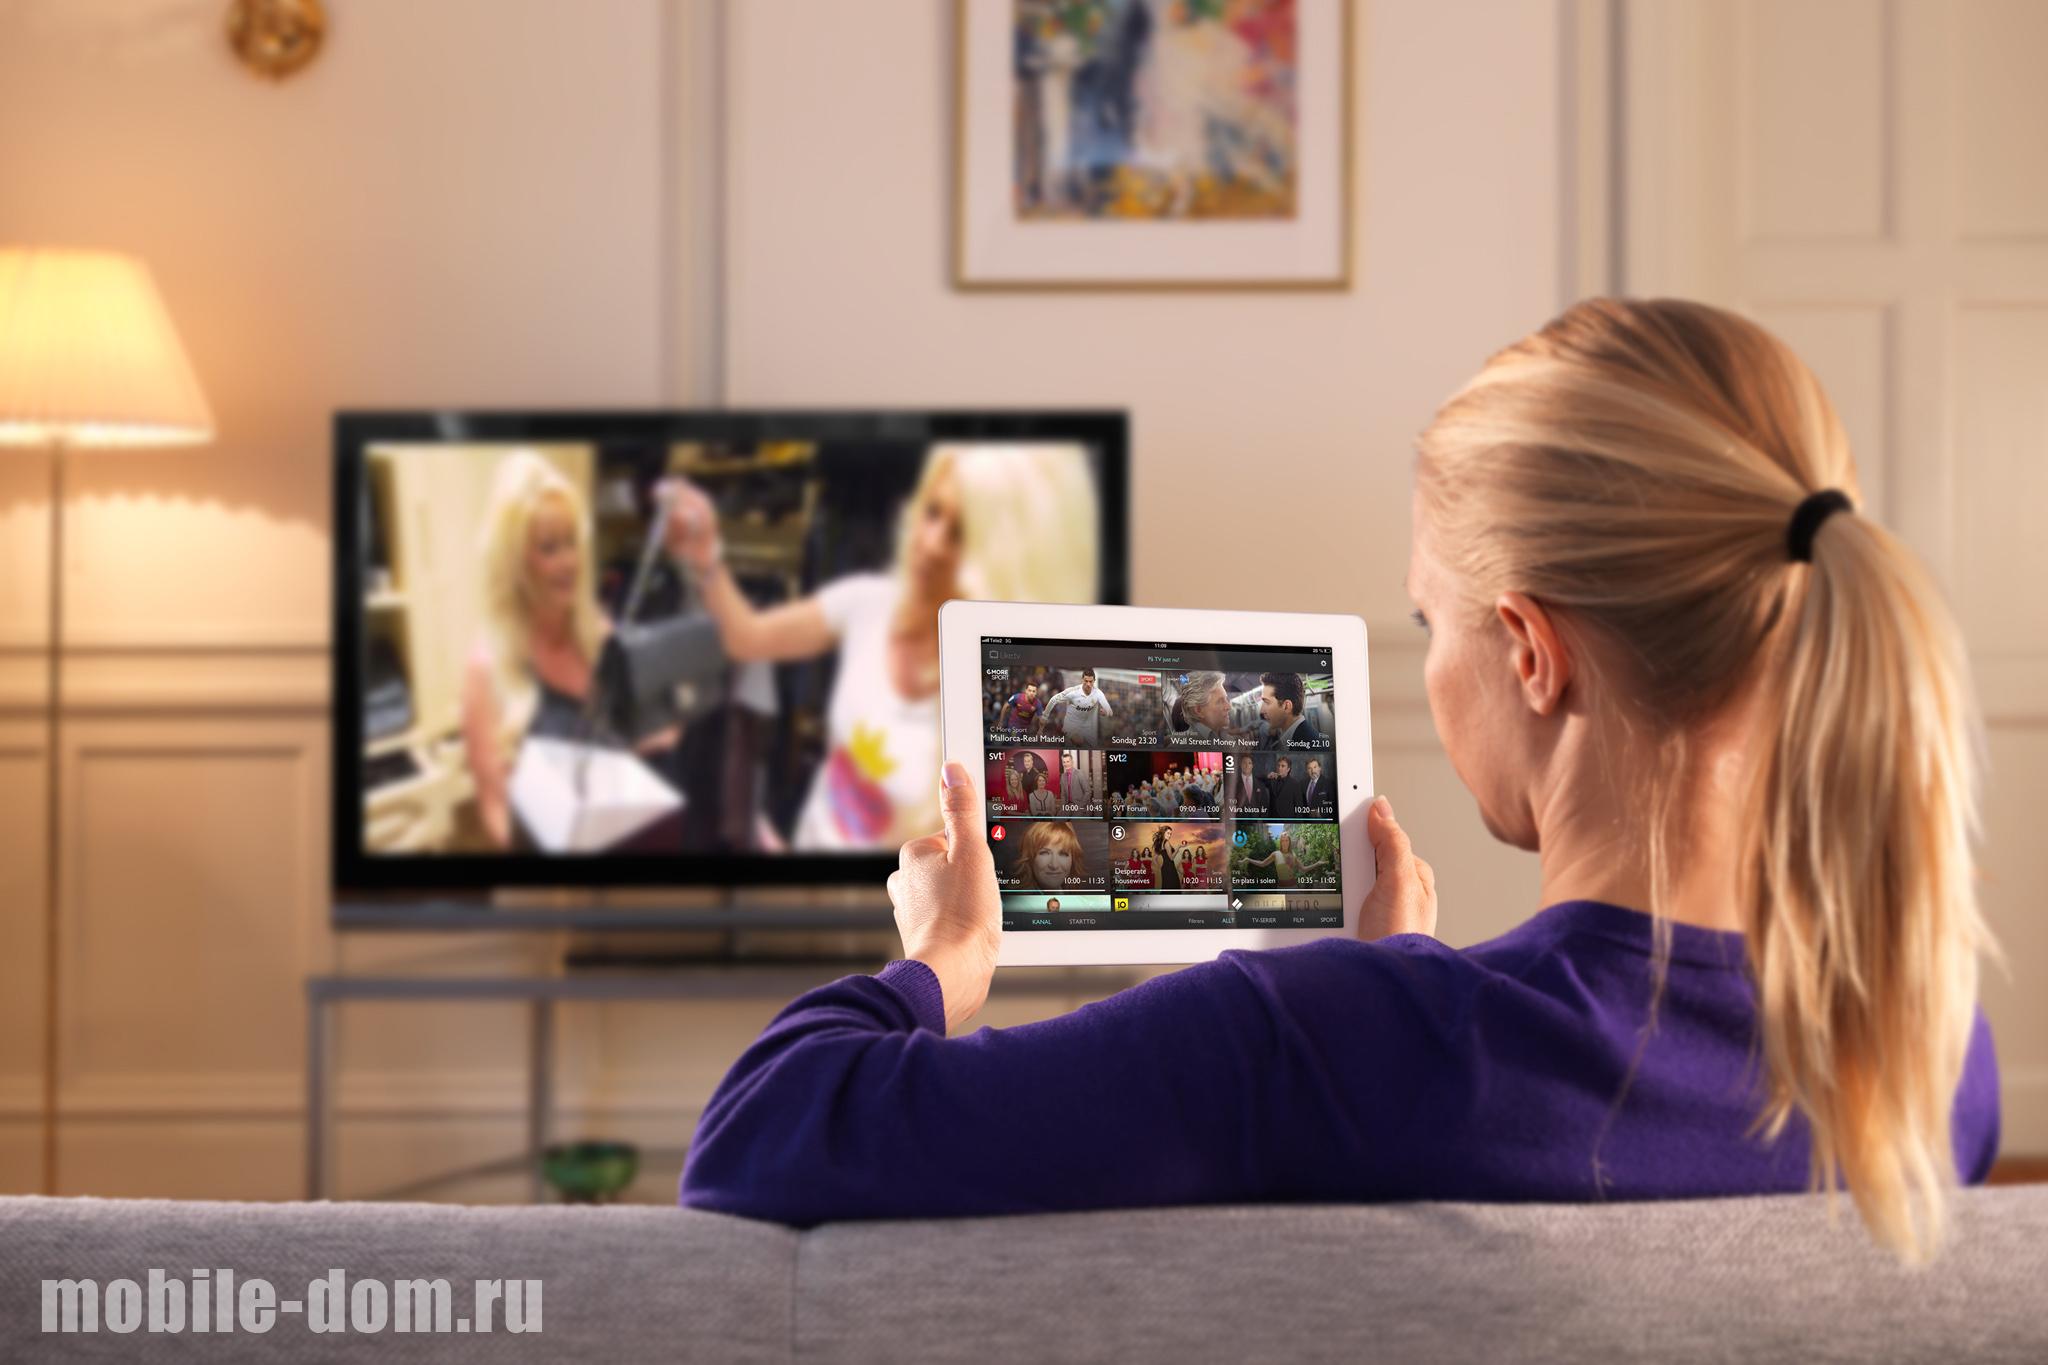 devushka-i-televizor.jpg